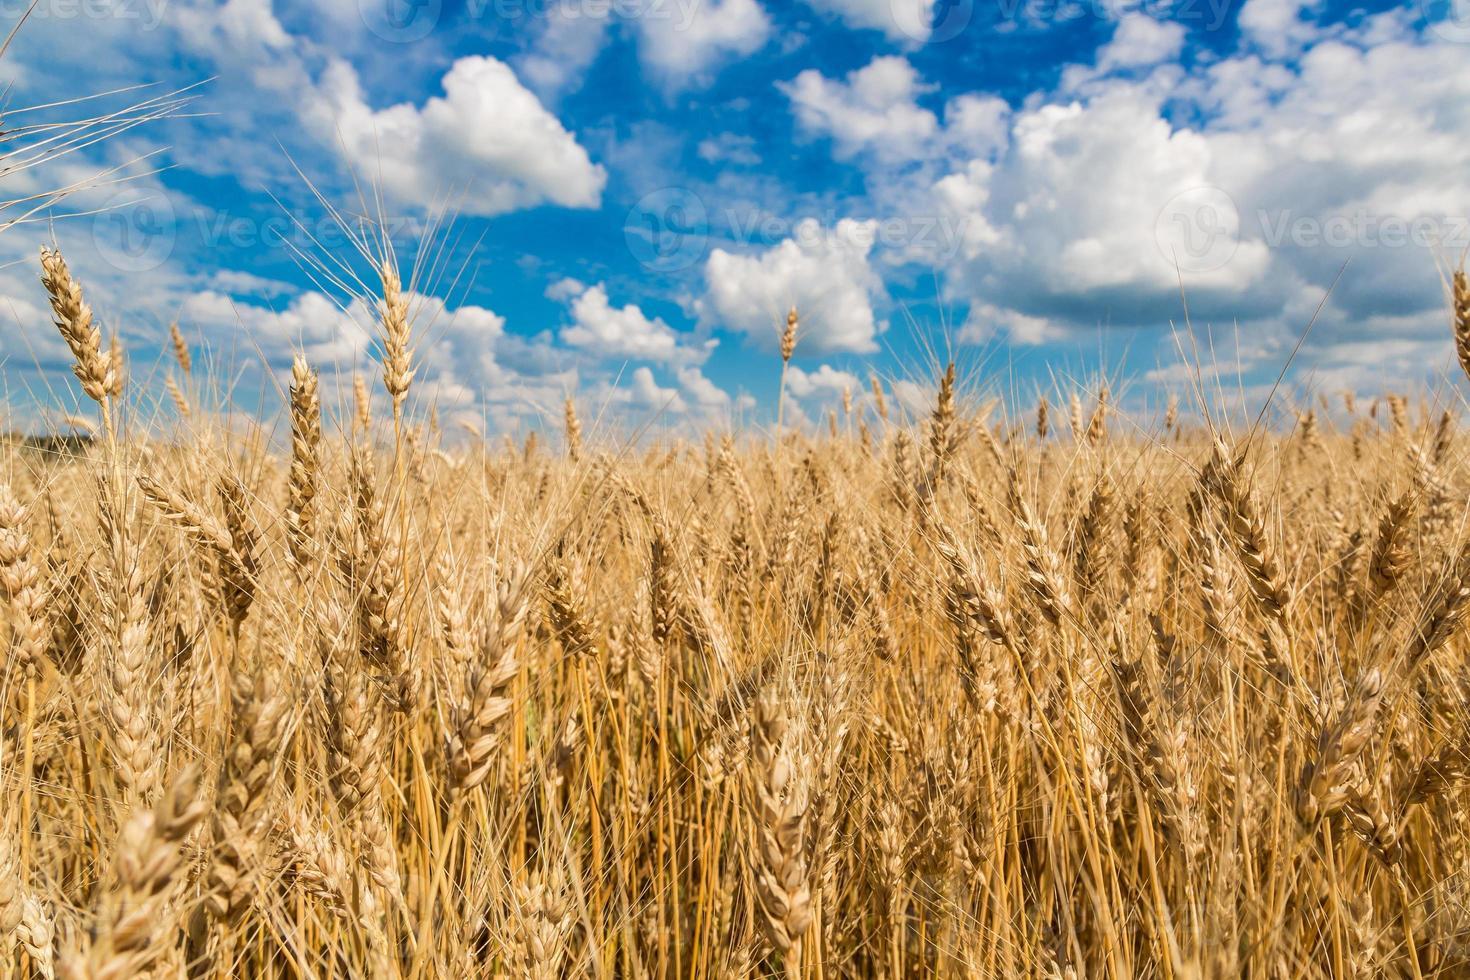 campo di grano, raccolto fresco di grano foto